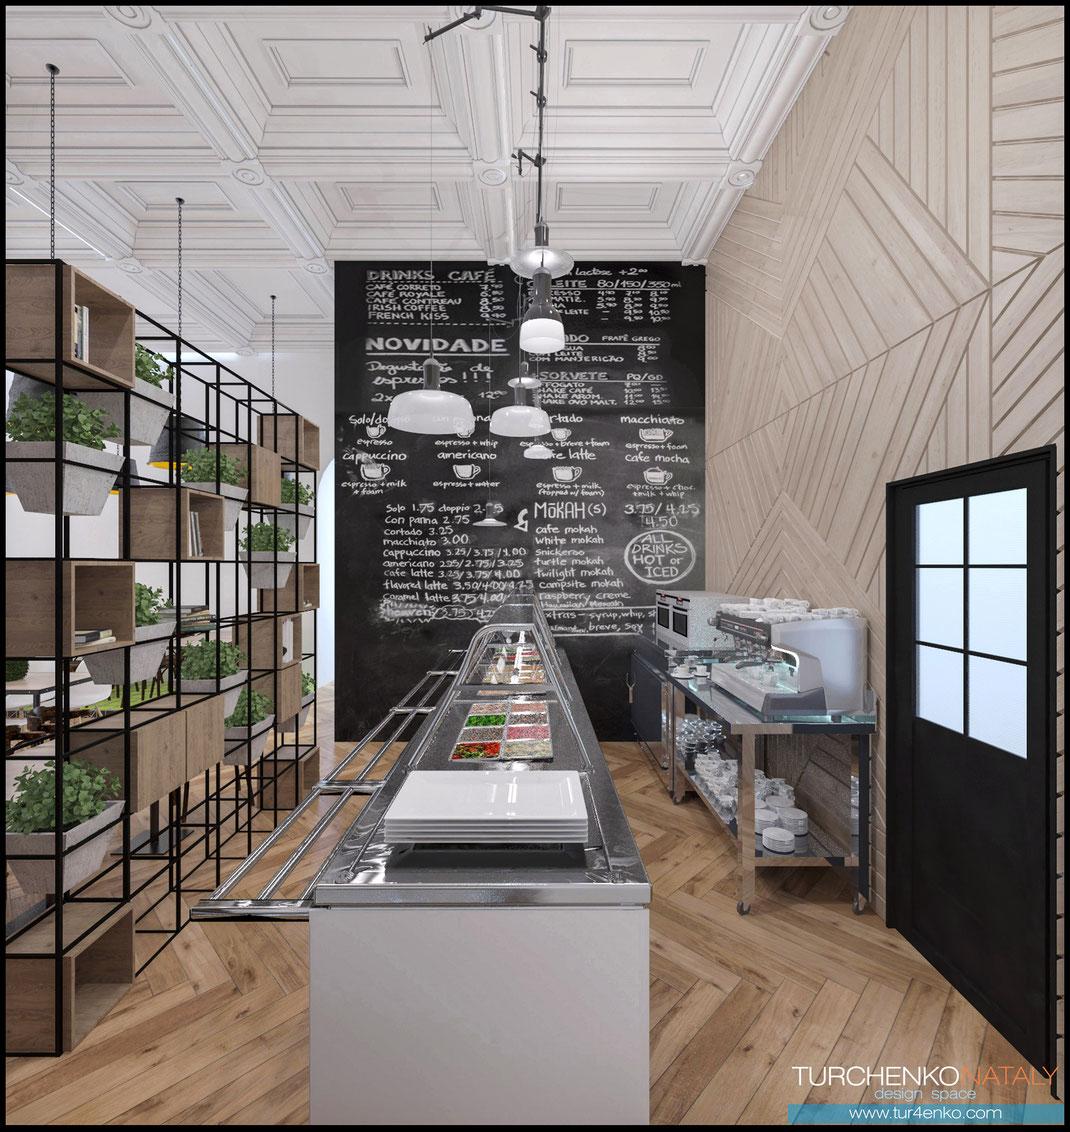 3 Дизайн ресторанов в Москве @tur4enkonataly